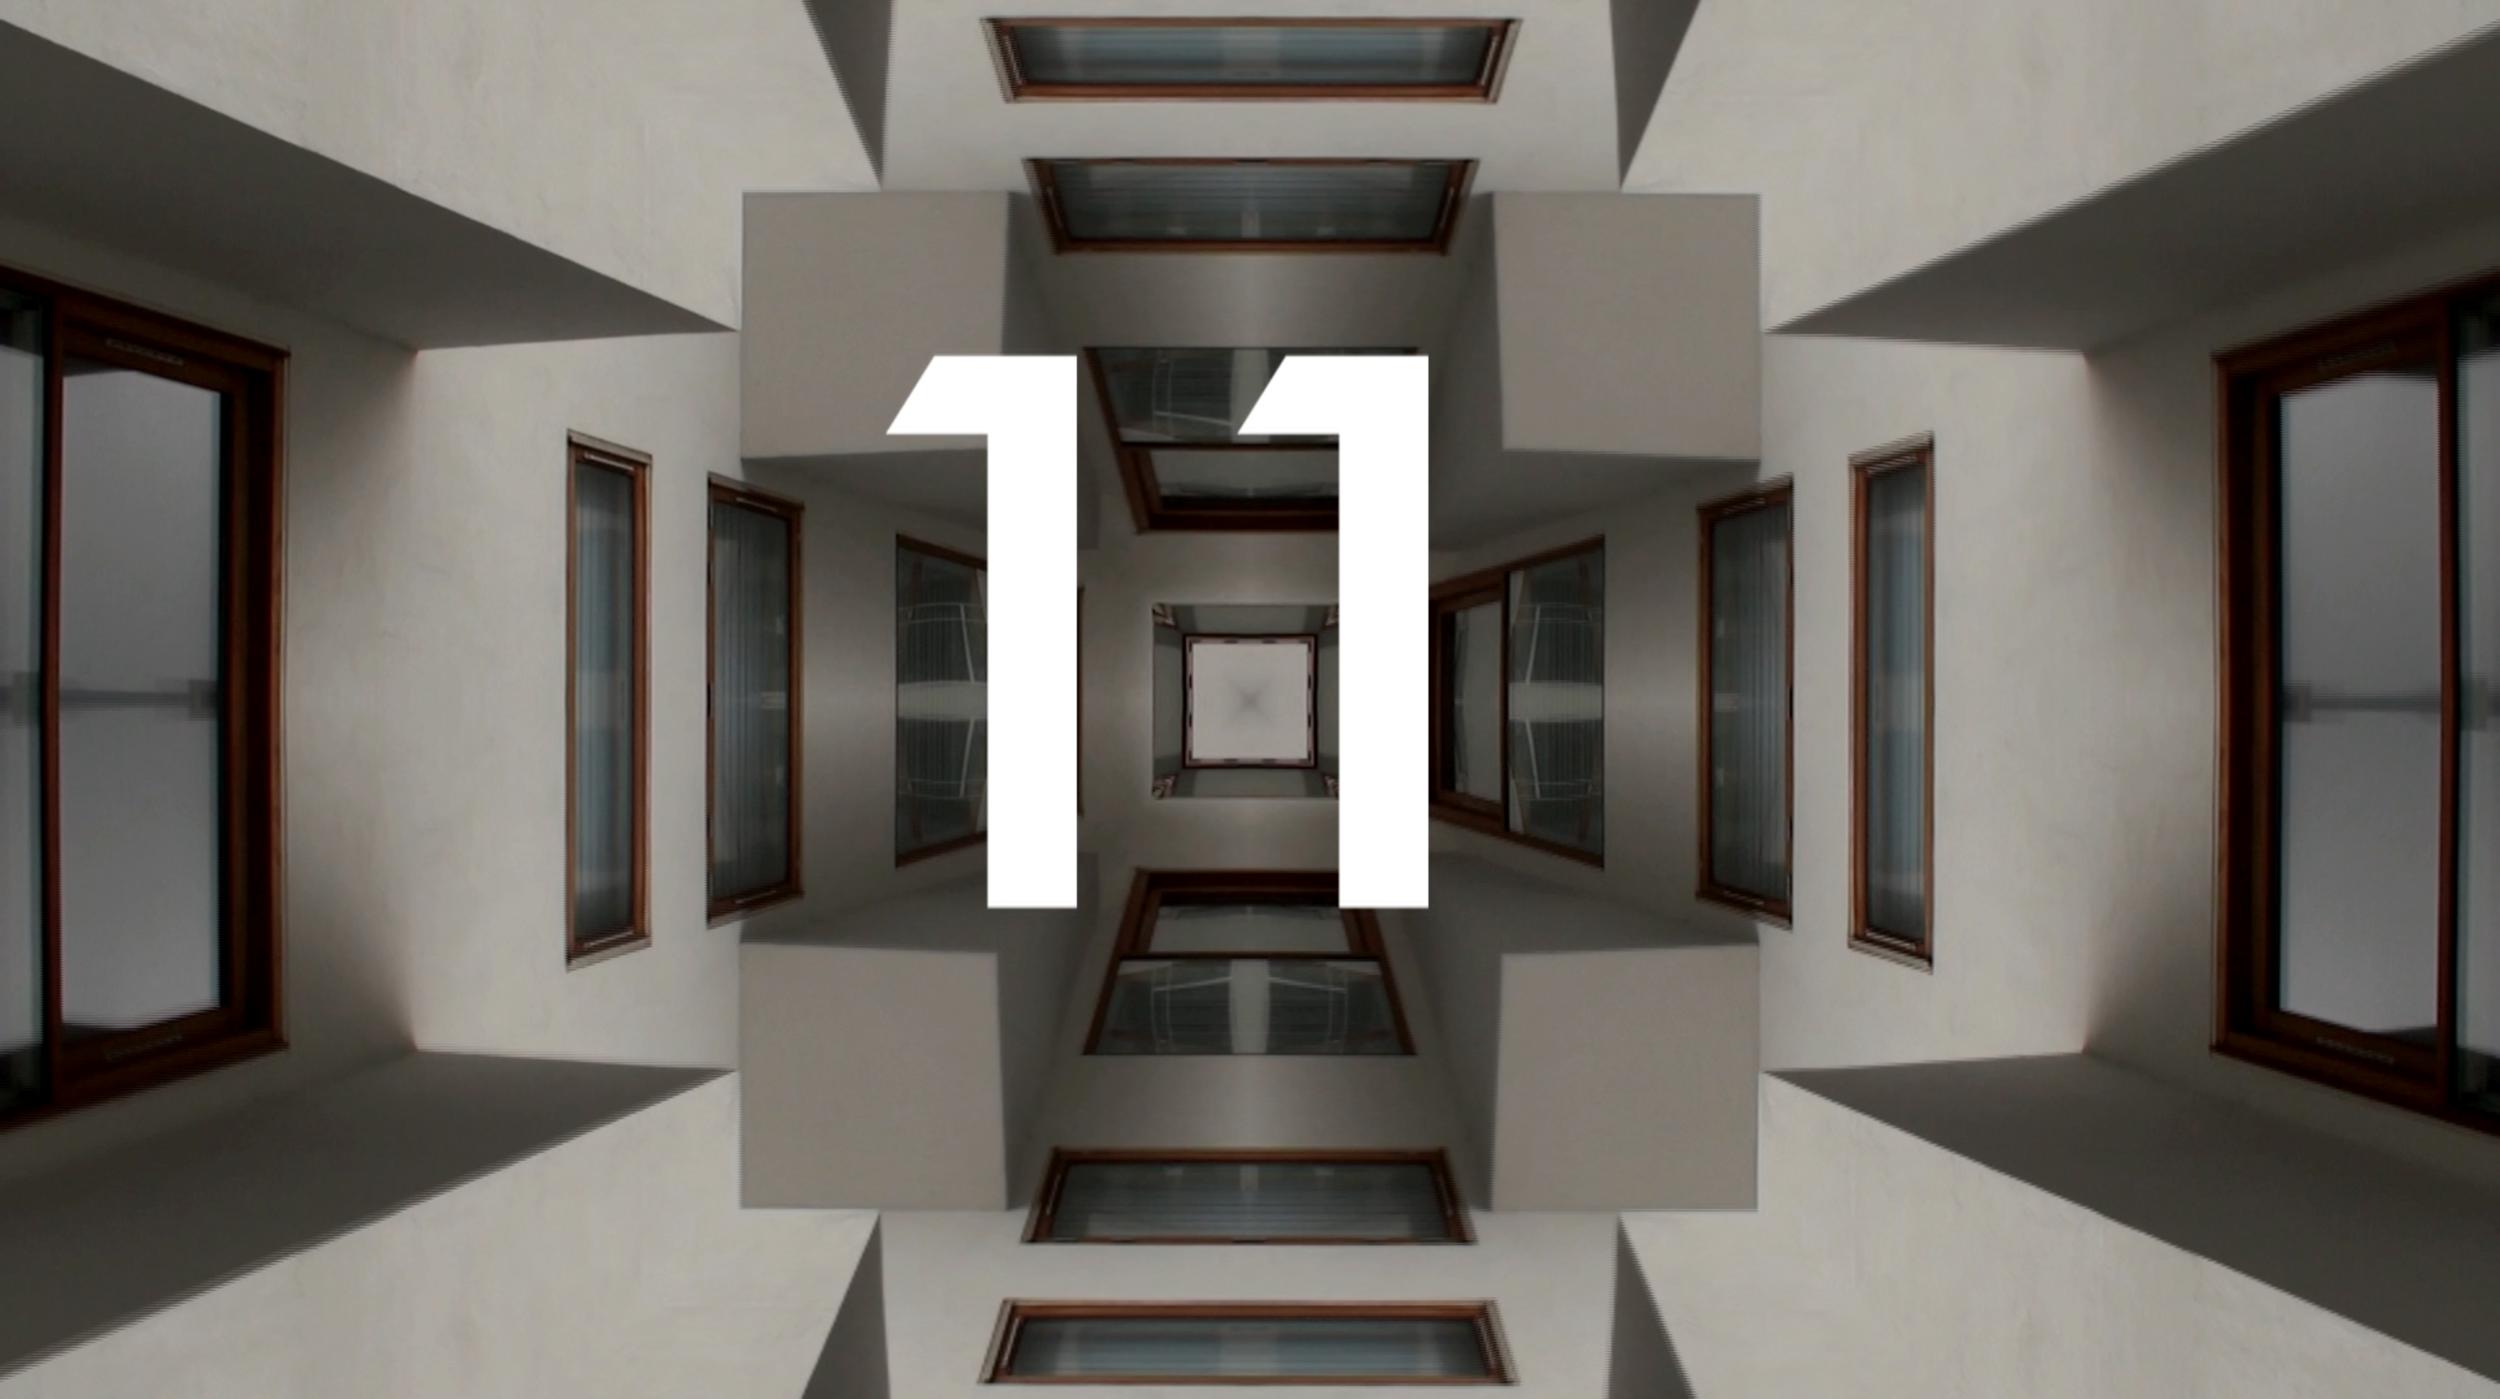 Post-futuristisk Manifest. Still from video, 2013